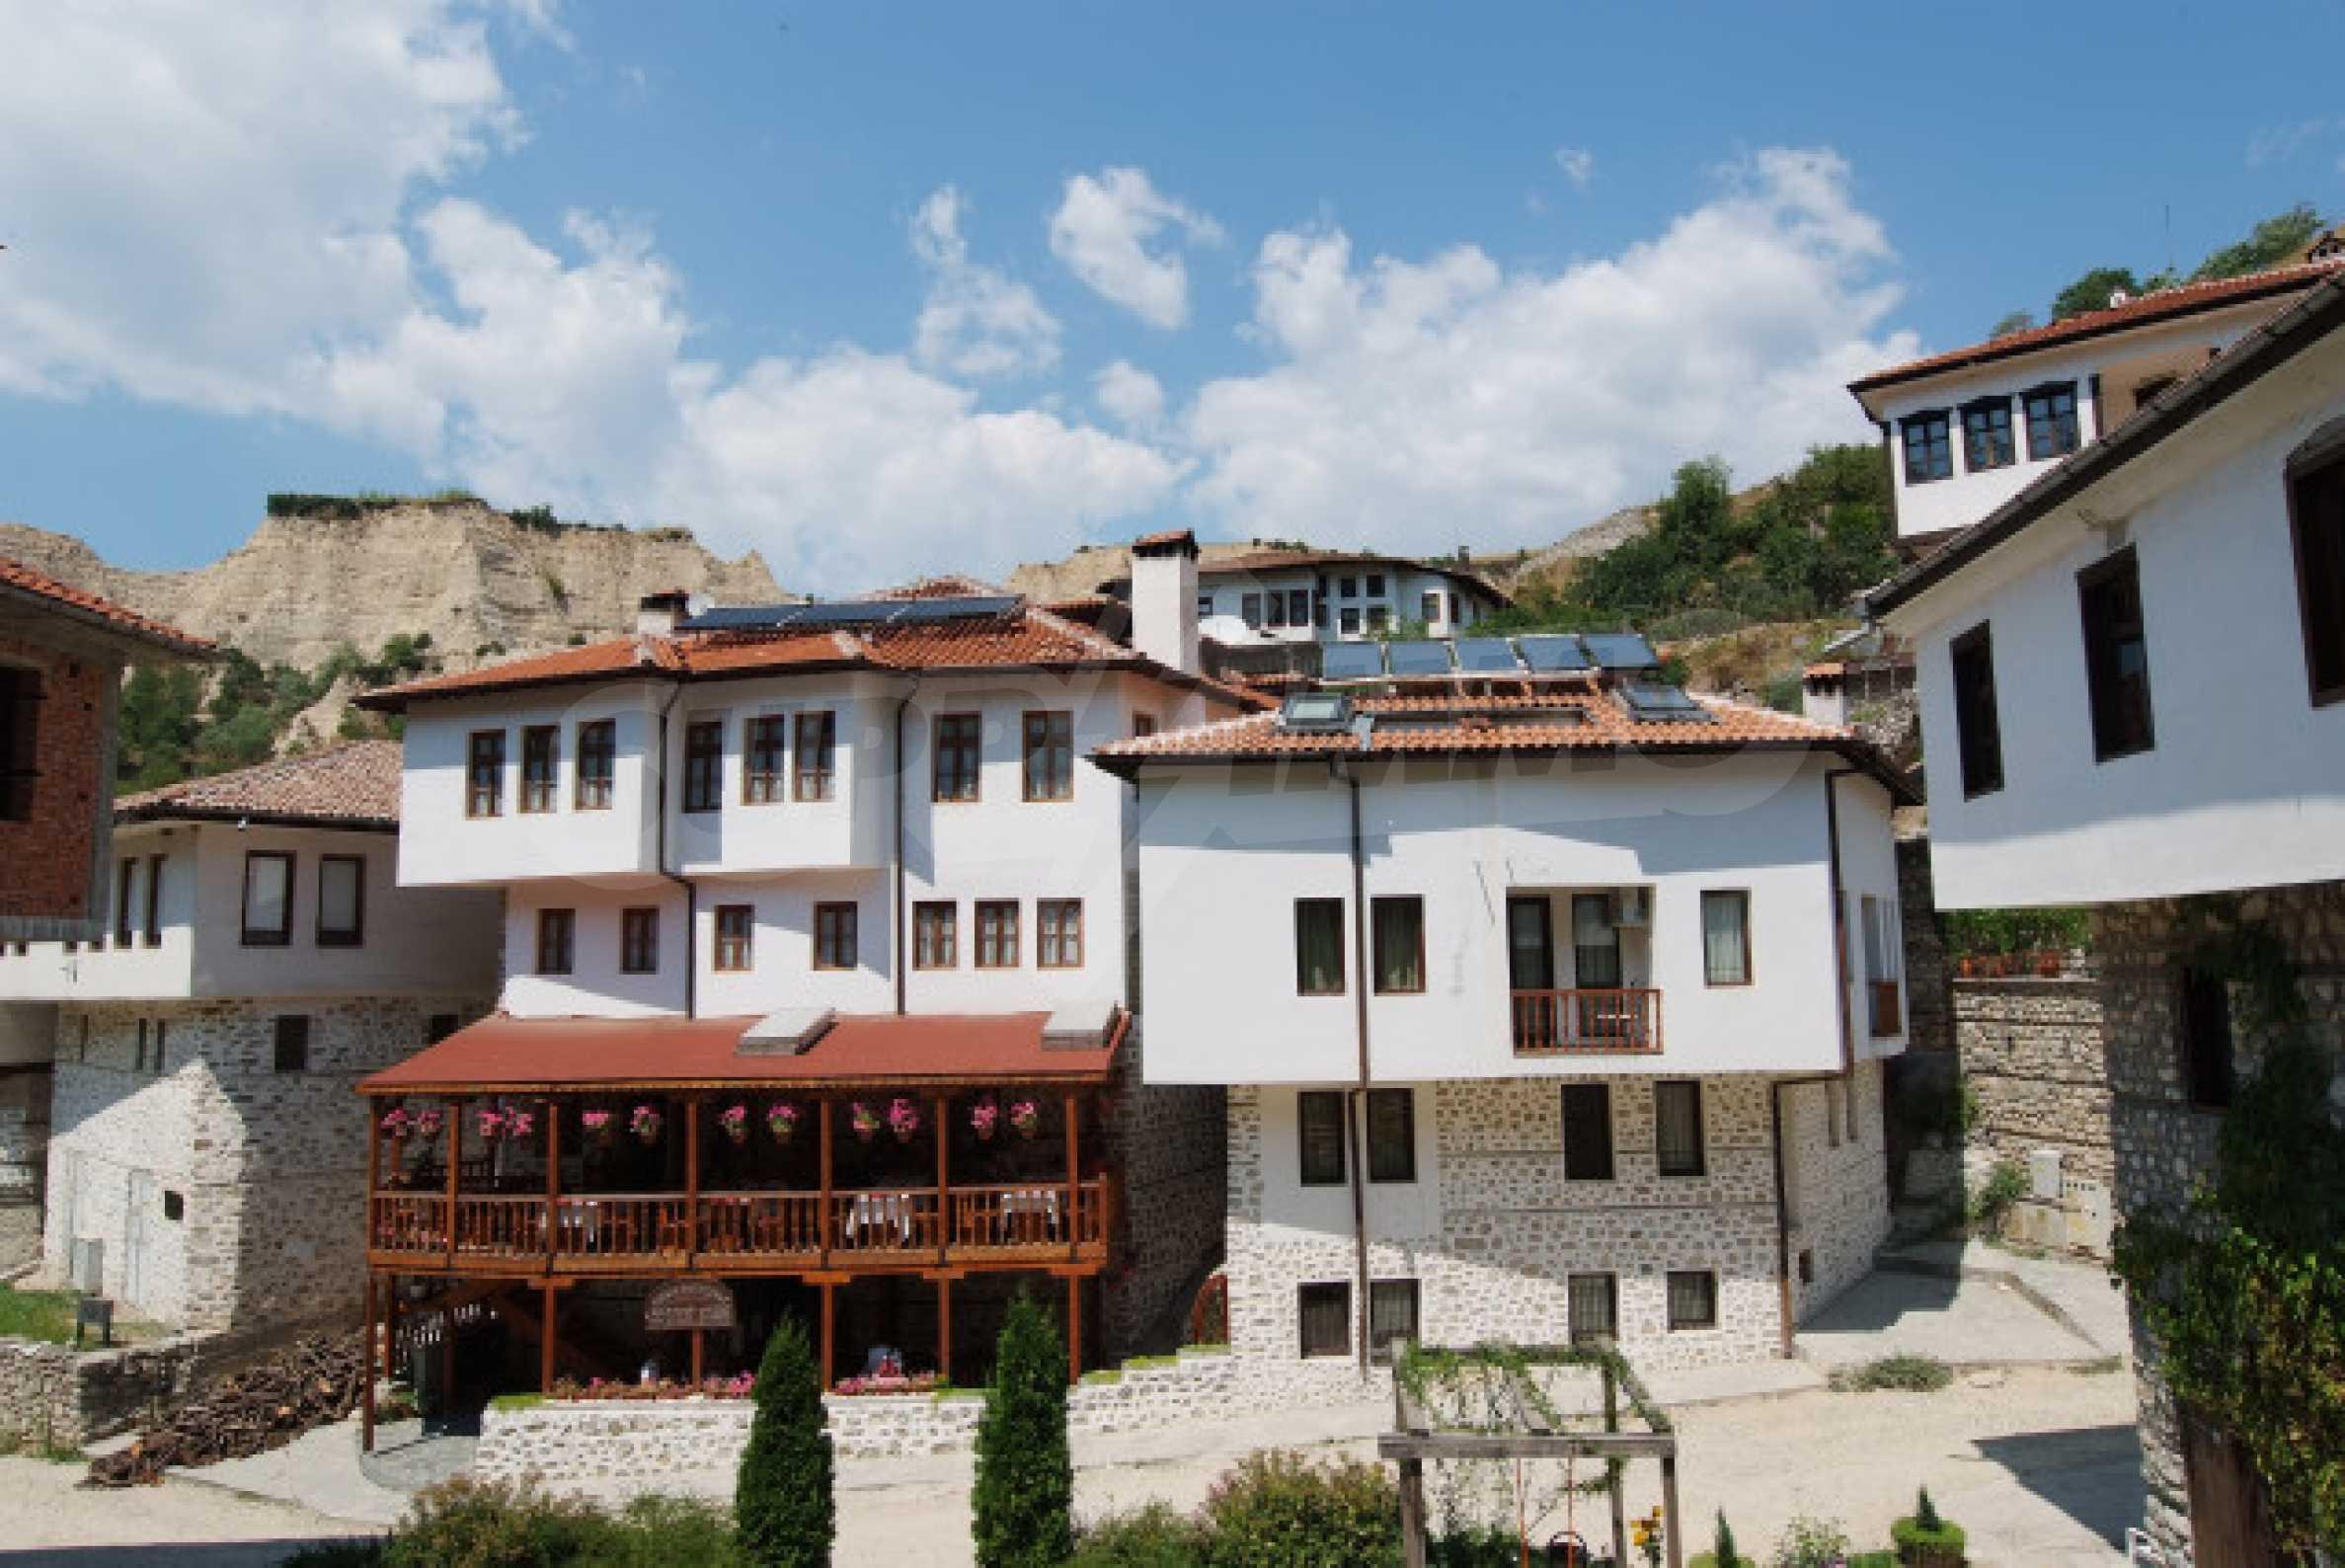 Гостиница, Отель в г. Мелник